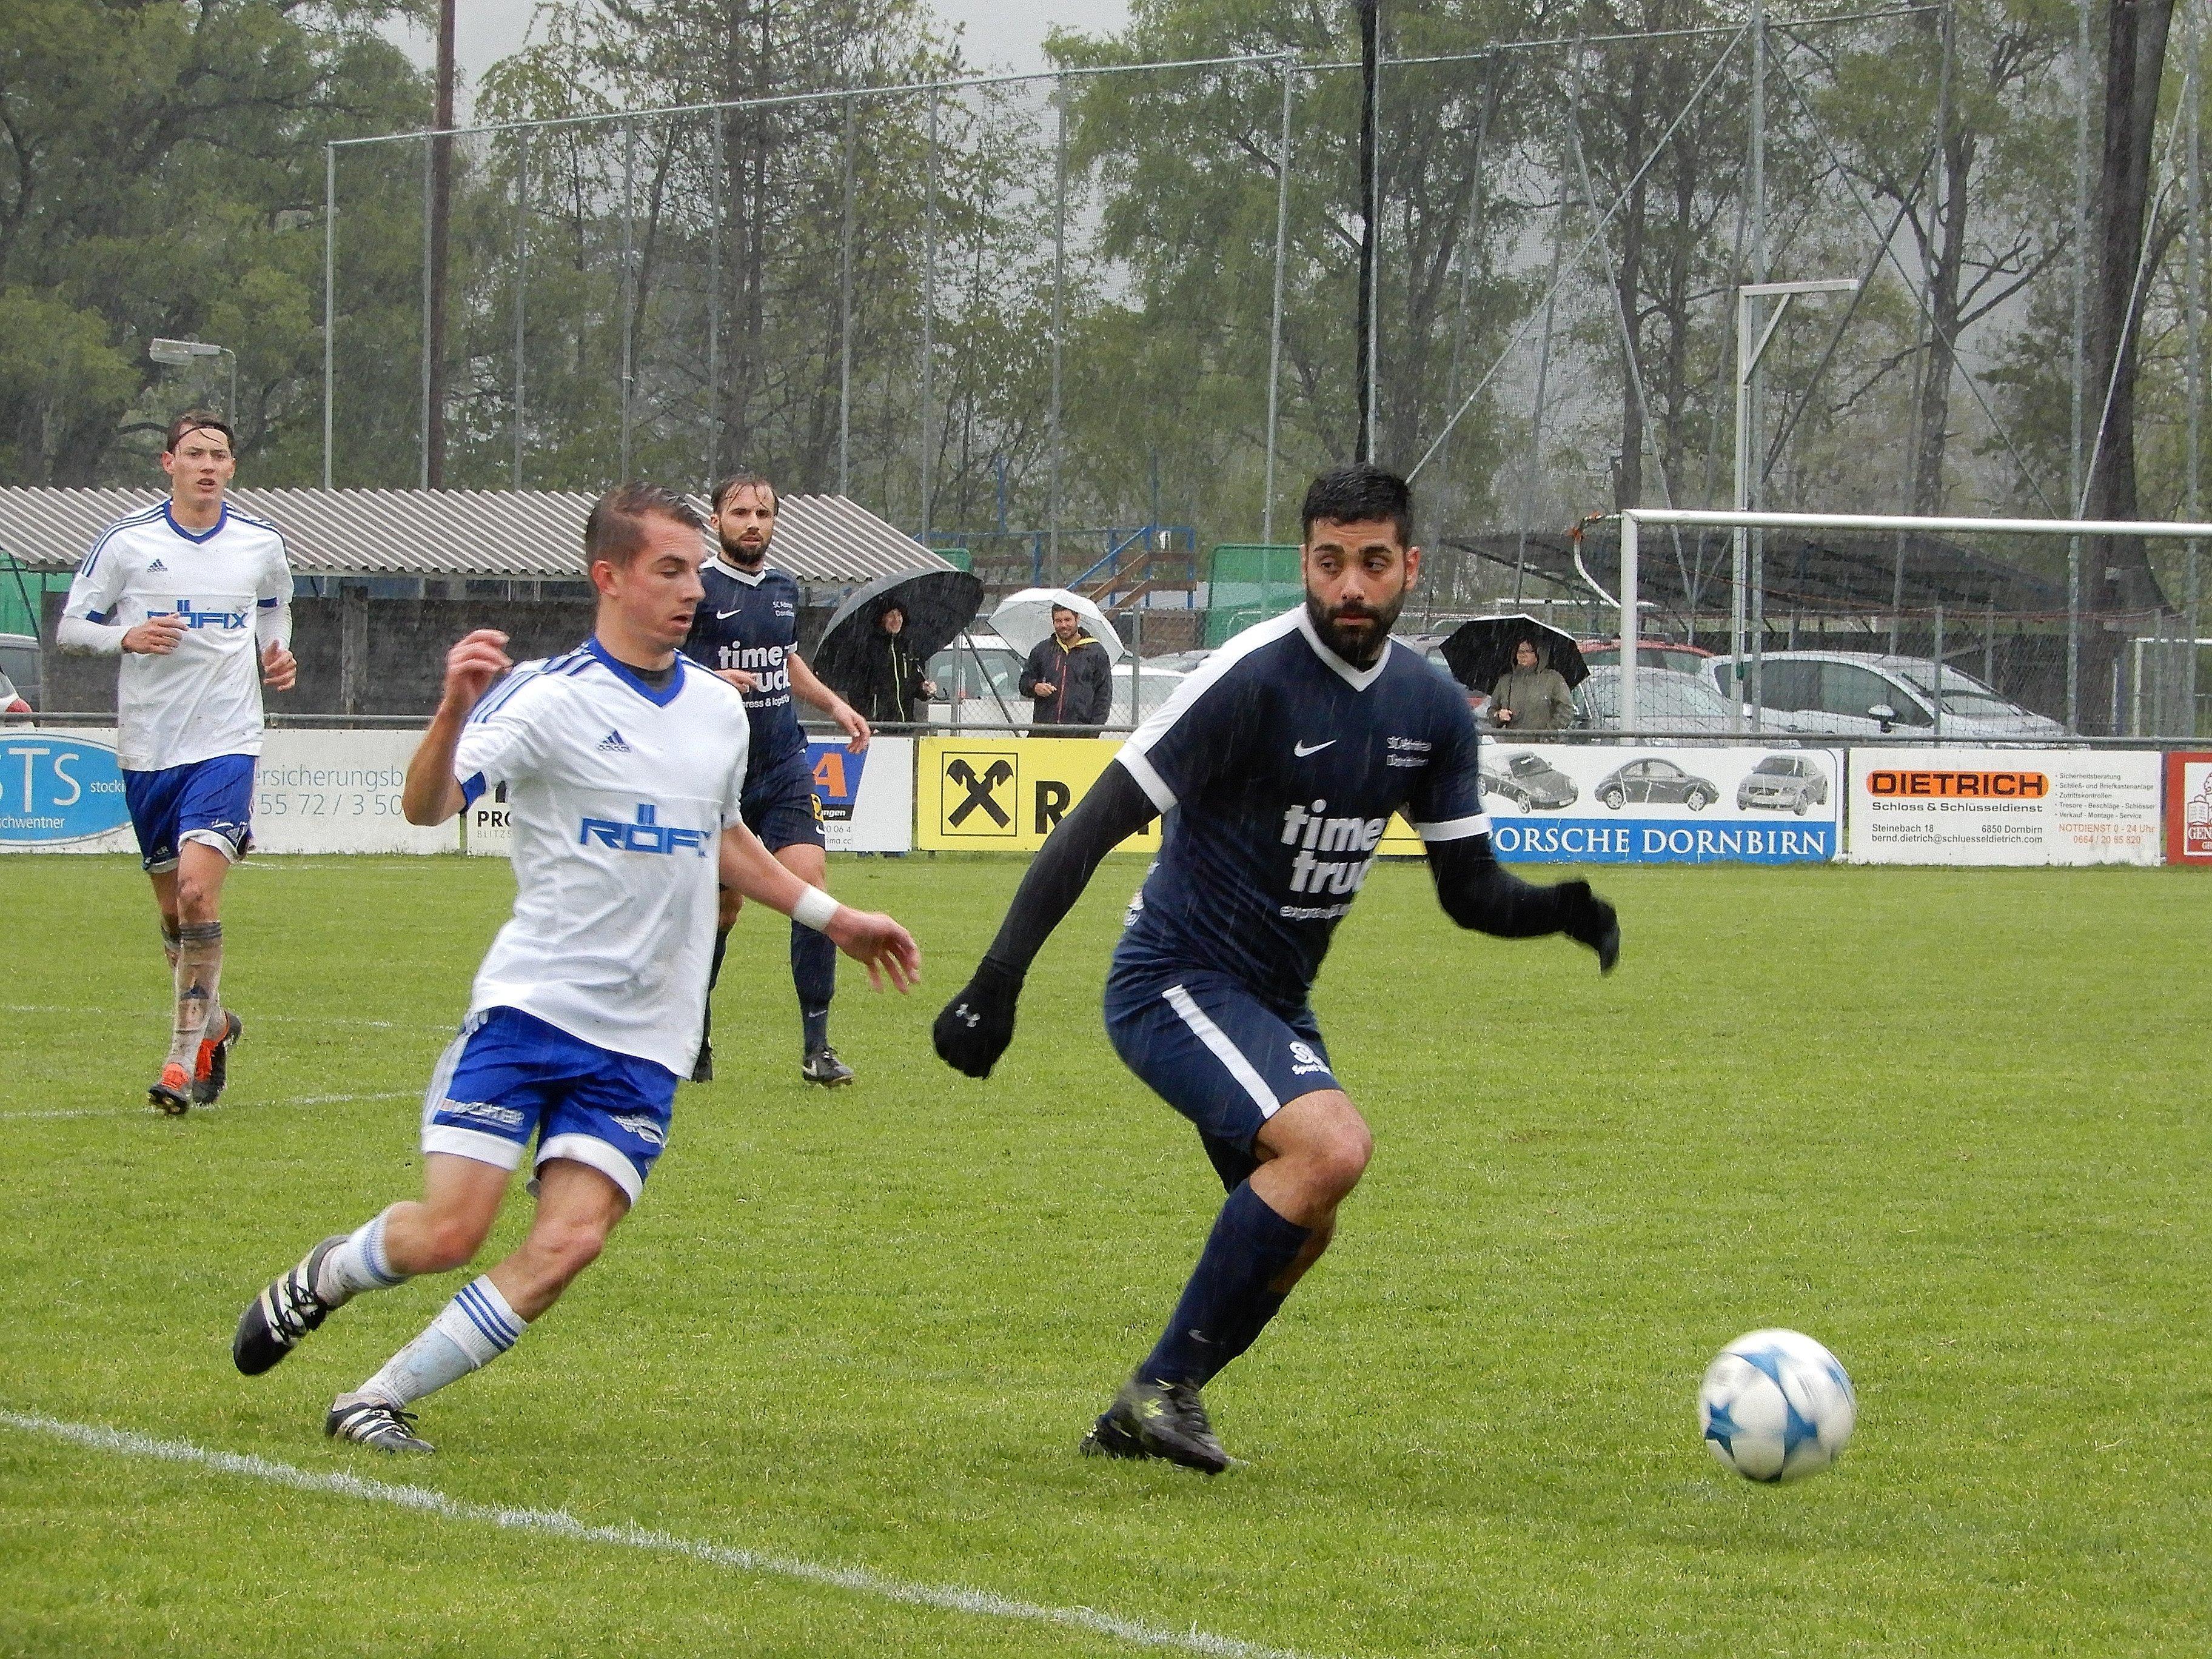 Den Zuschauern beim Vorarlbergliga-Spiel SC Admira Dornbirn gegen SC Röthis wurde eine rasante Partie geboten.